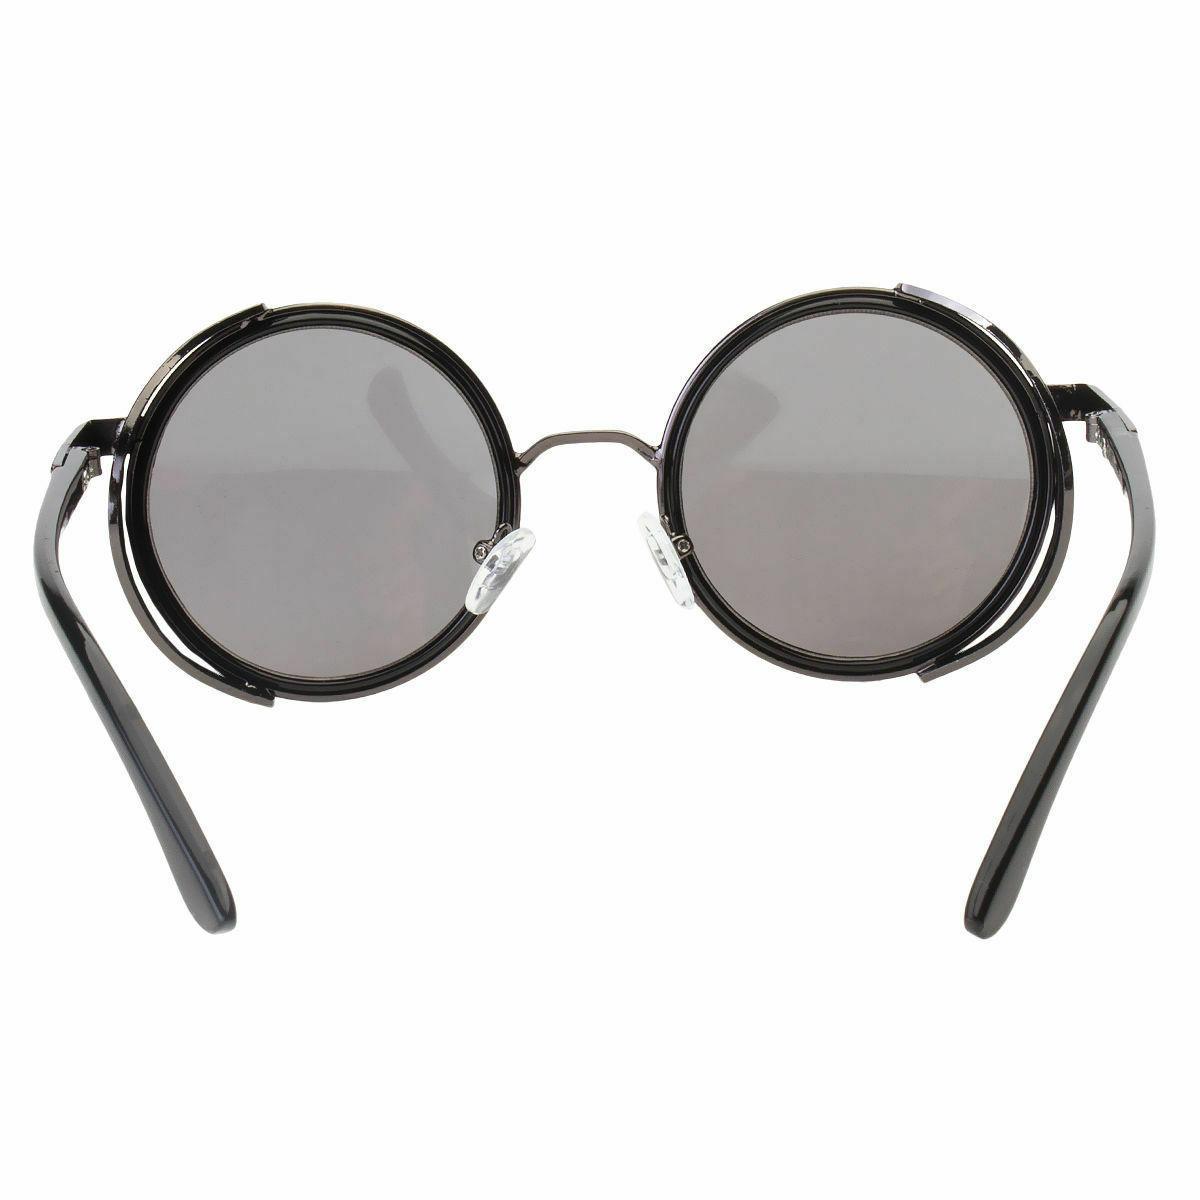 Vintage Retro Mirror Sunglasses Goggles Sun